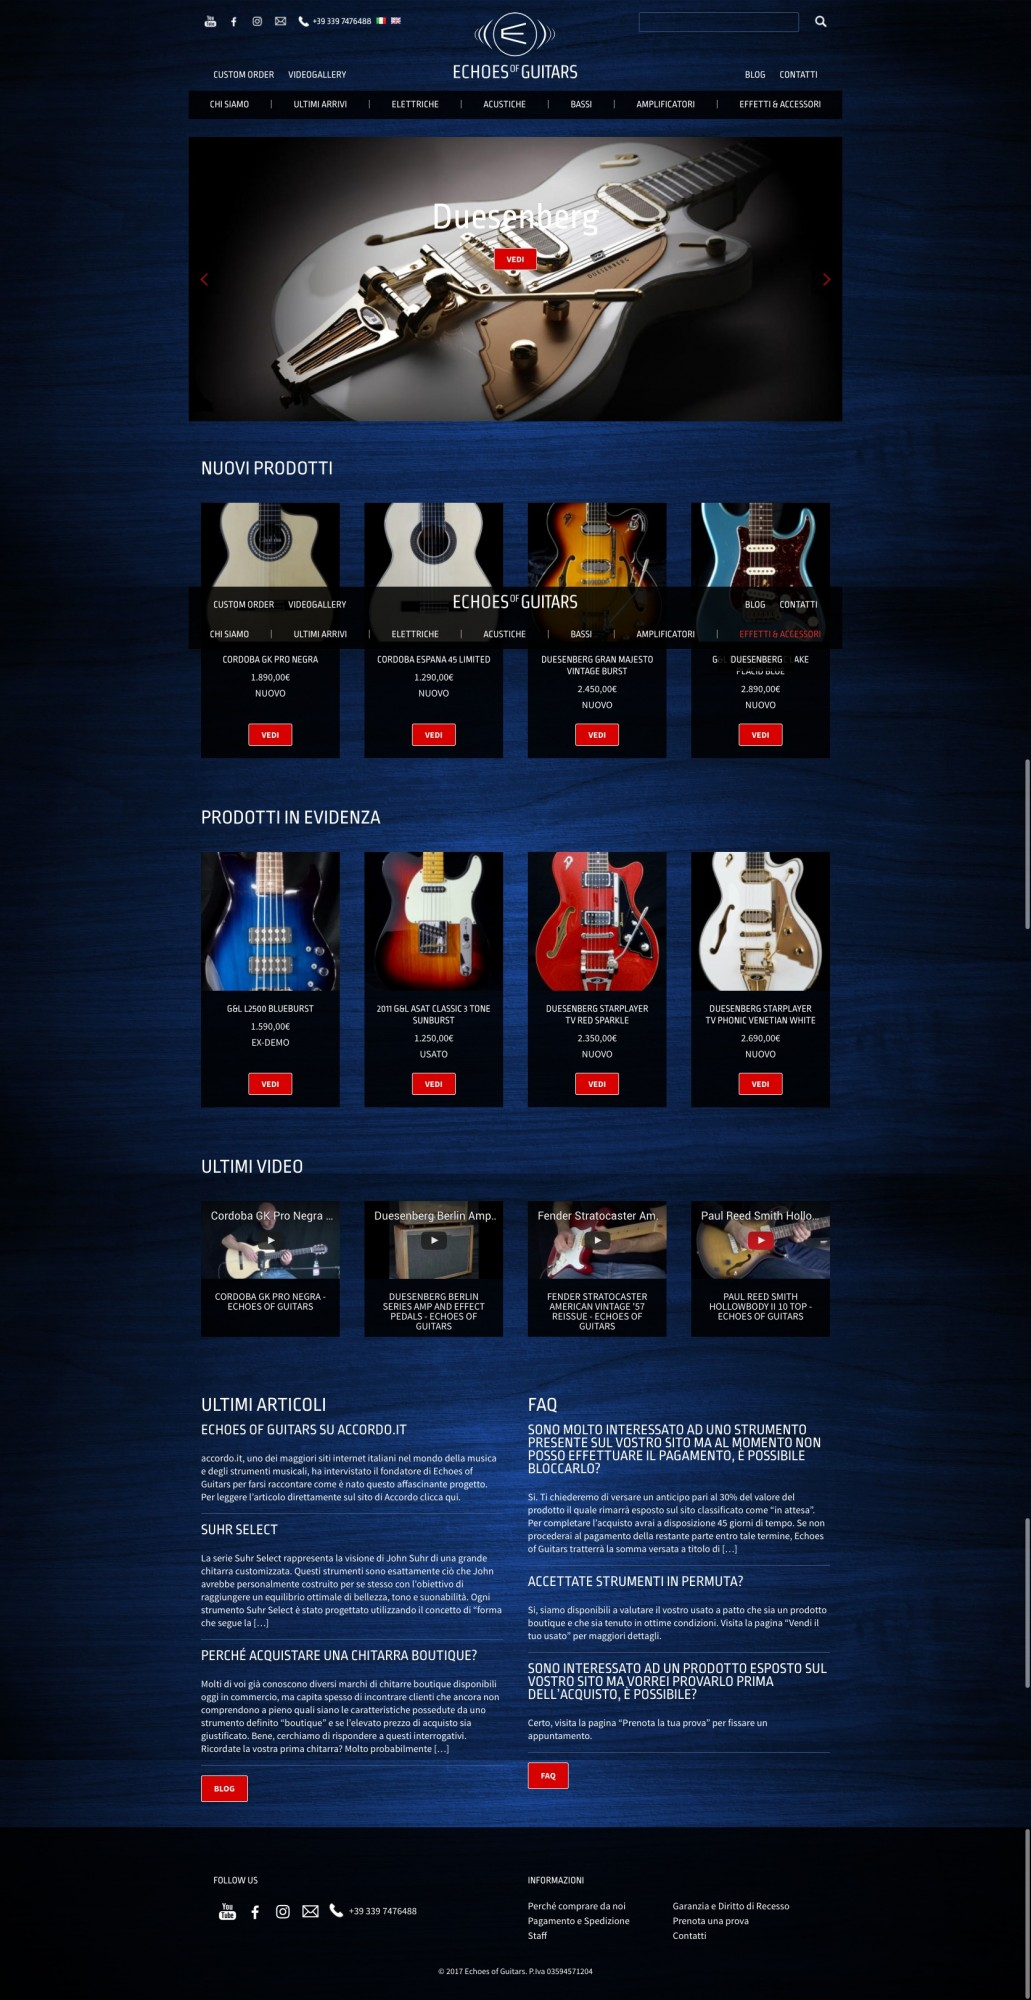 Studio Youtool homepage Echoes of Guitars